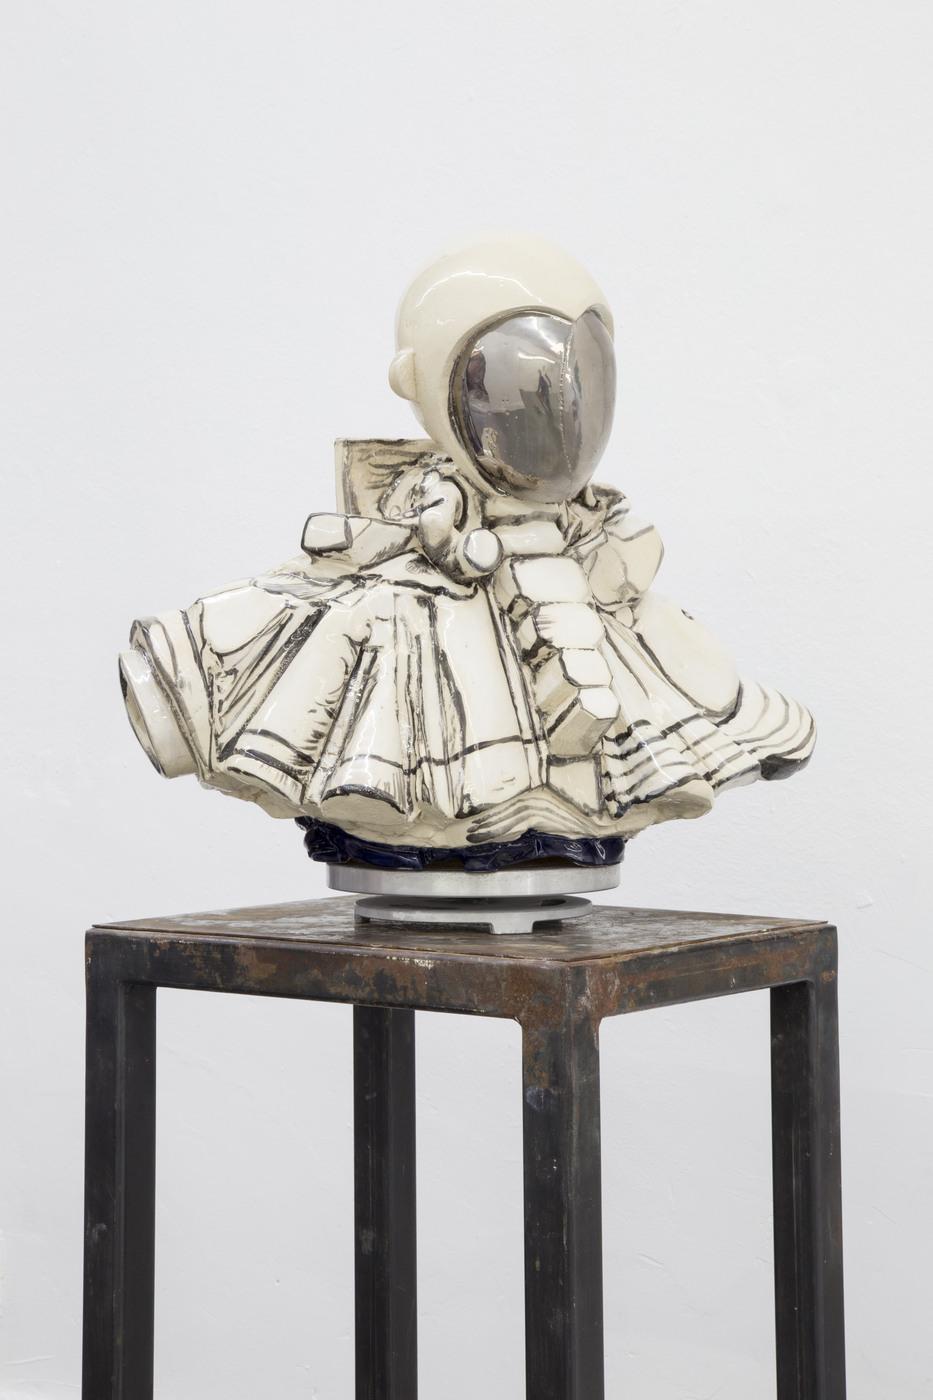 Nadia Naveau, Oscar Oddity, 2016, ceramics, 55x42x54cm